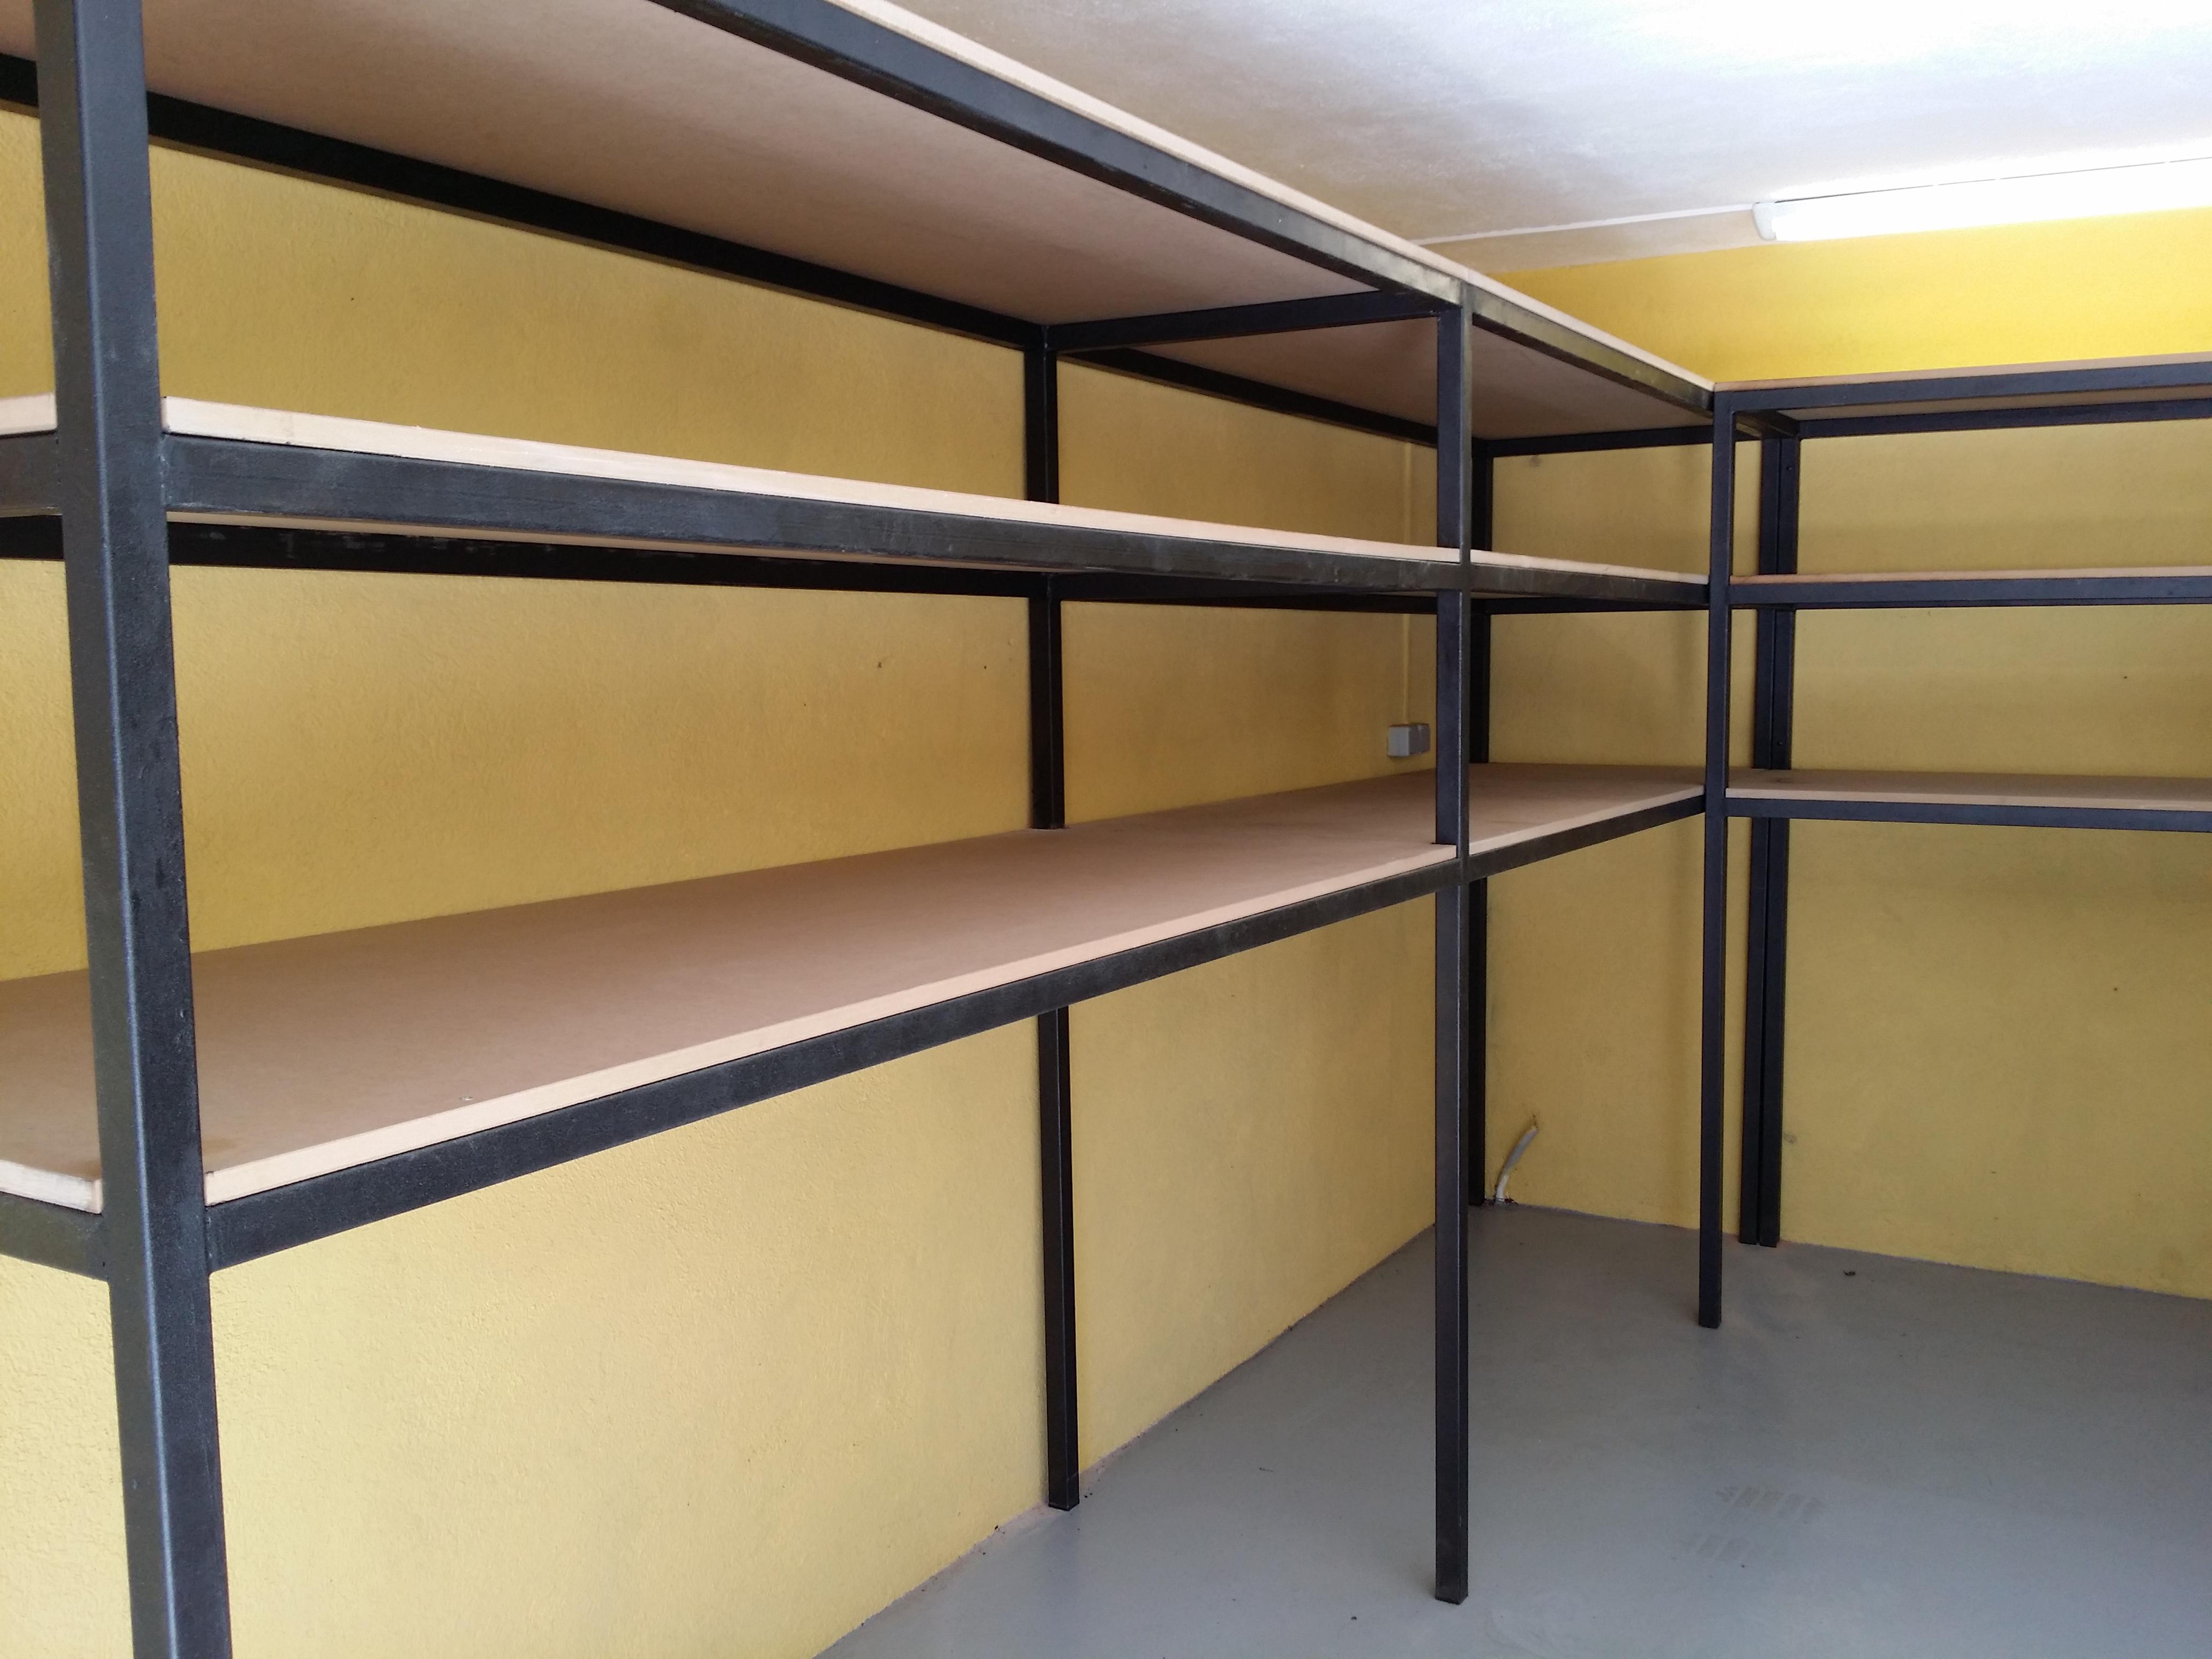 Estanter as de interior reforzadas fabricadas con hierro soldado y pintadas en negro forja - Estanterias para garaje ...